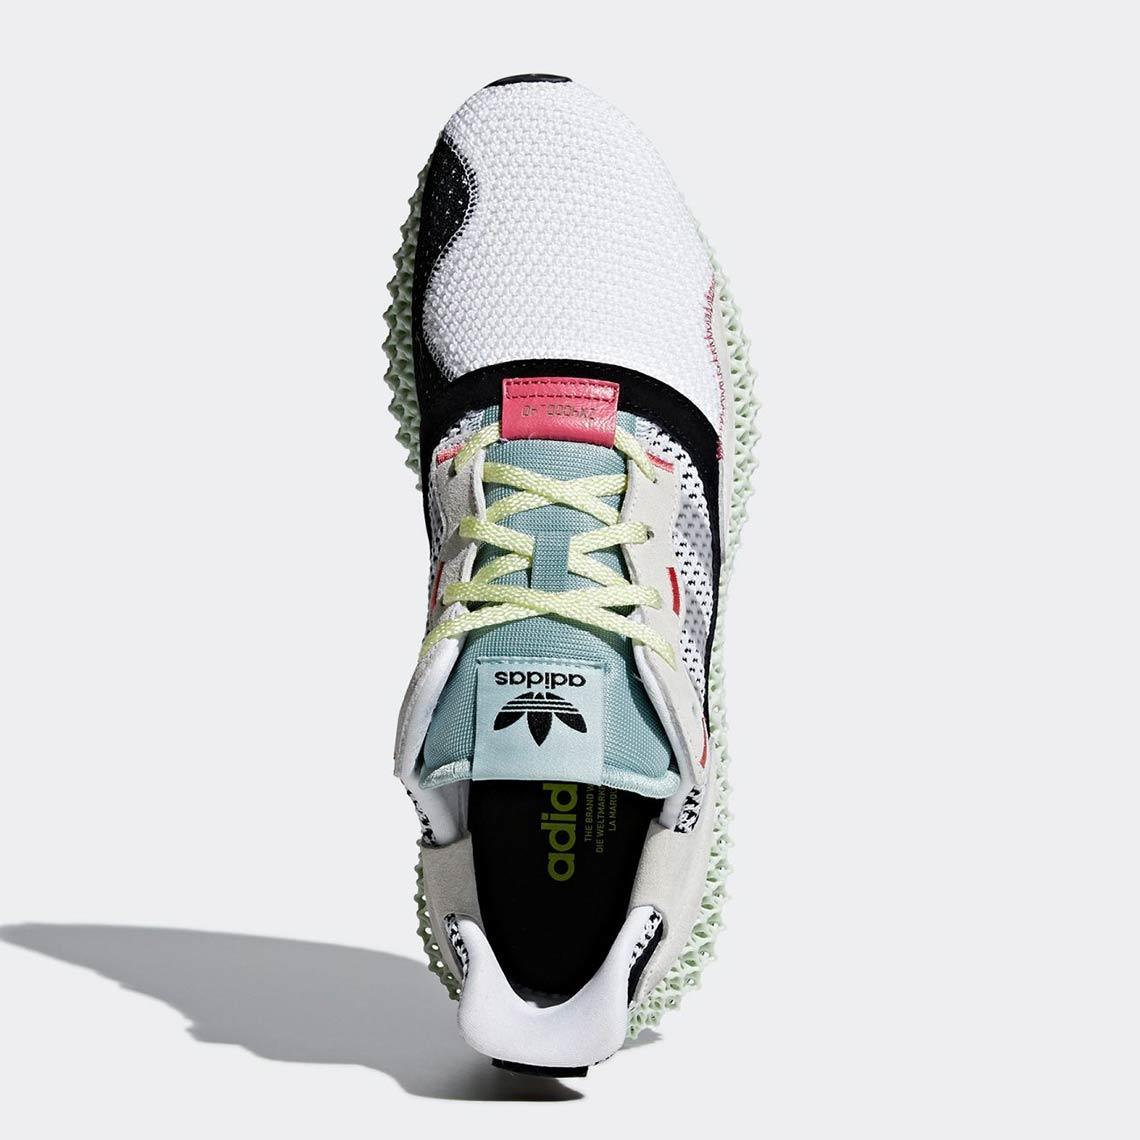 Adidas Consortium Zx4000 4d B42203 Release Date